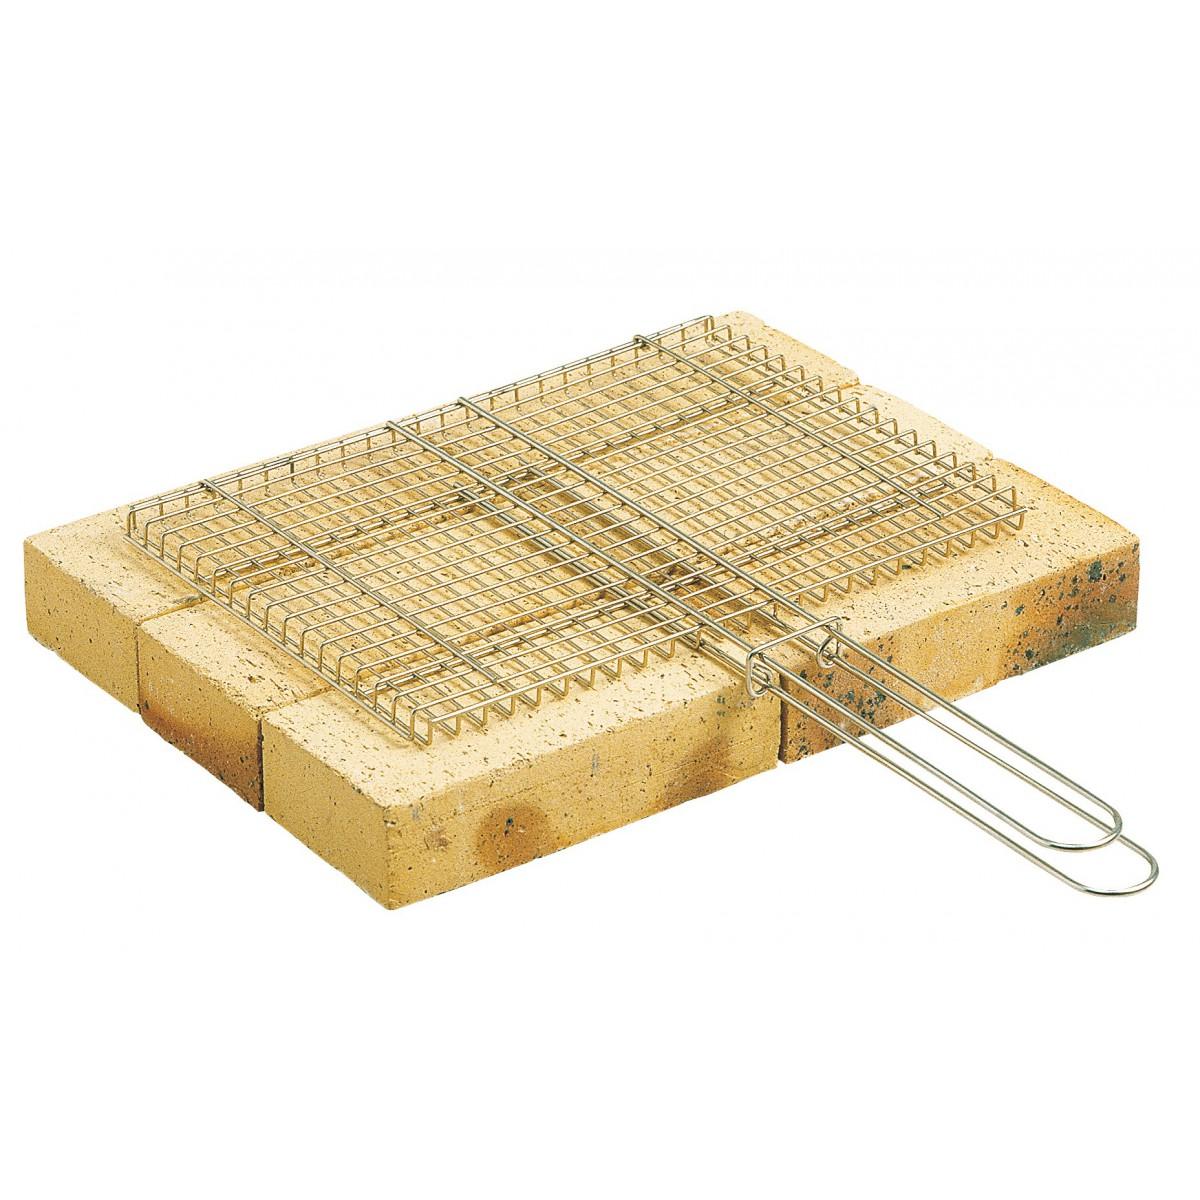 Gril pour barbecue - Longueur 40 cm - Largeur 35 cm